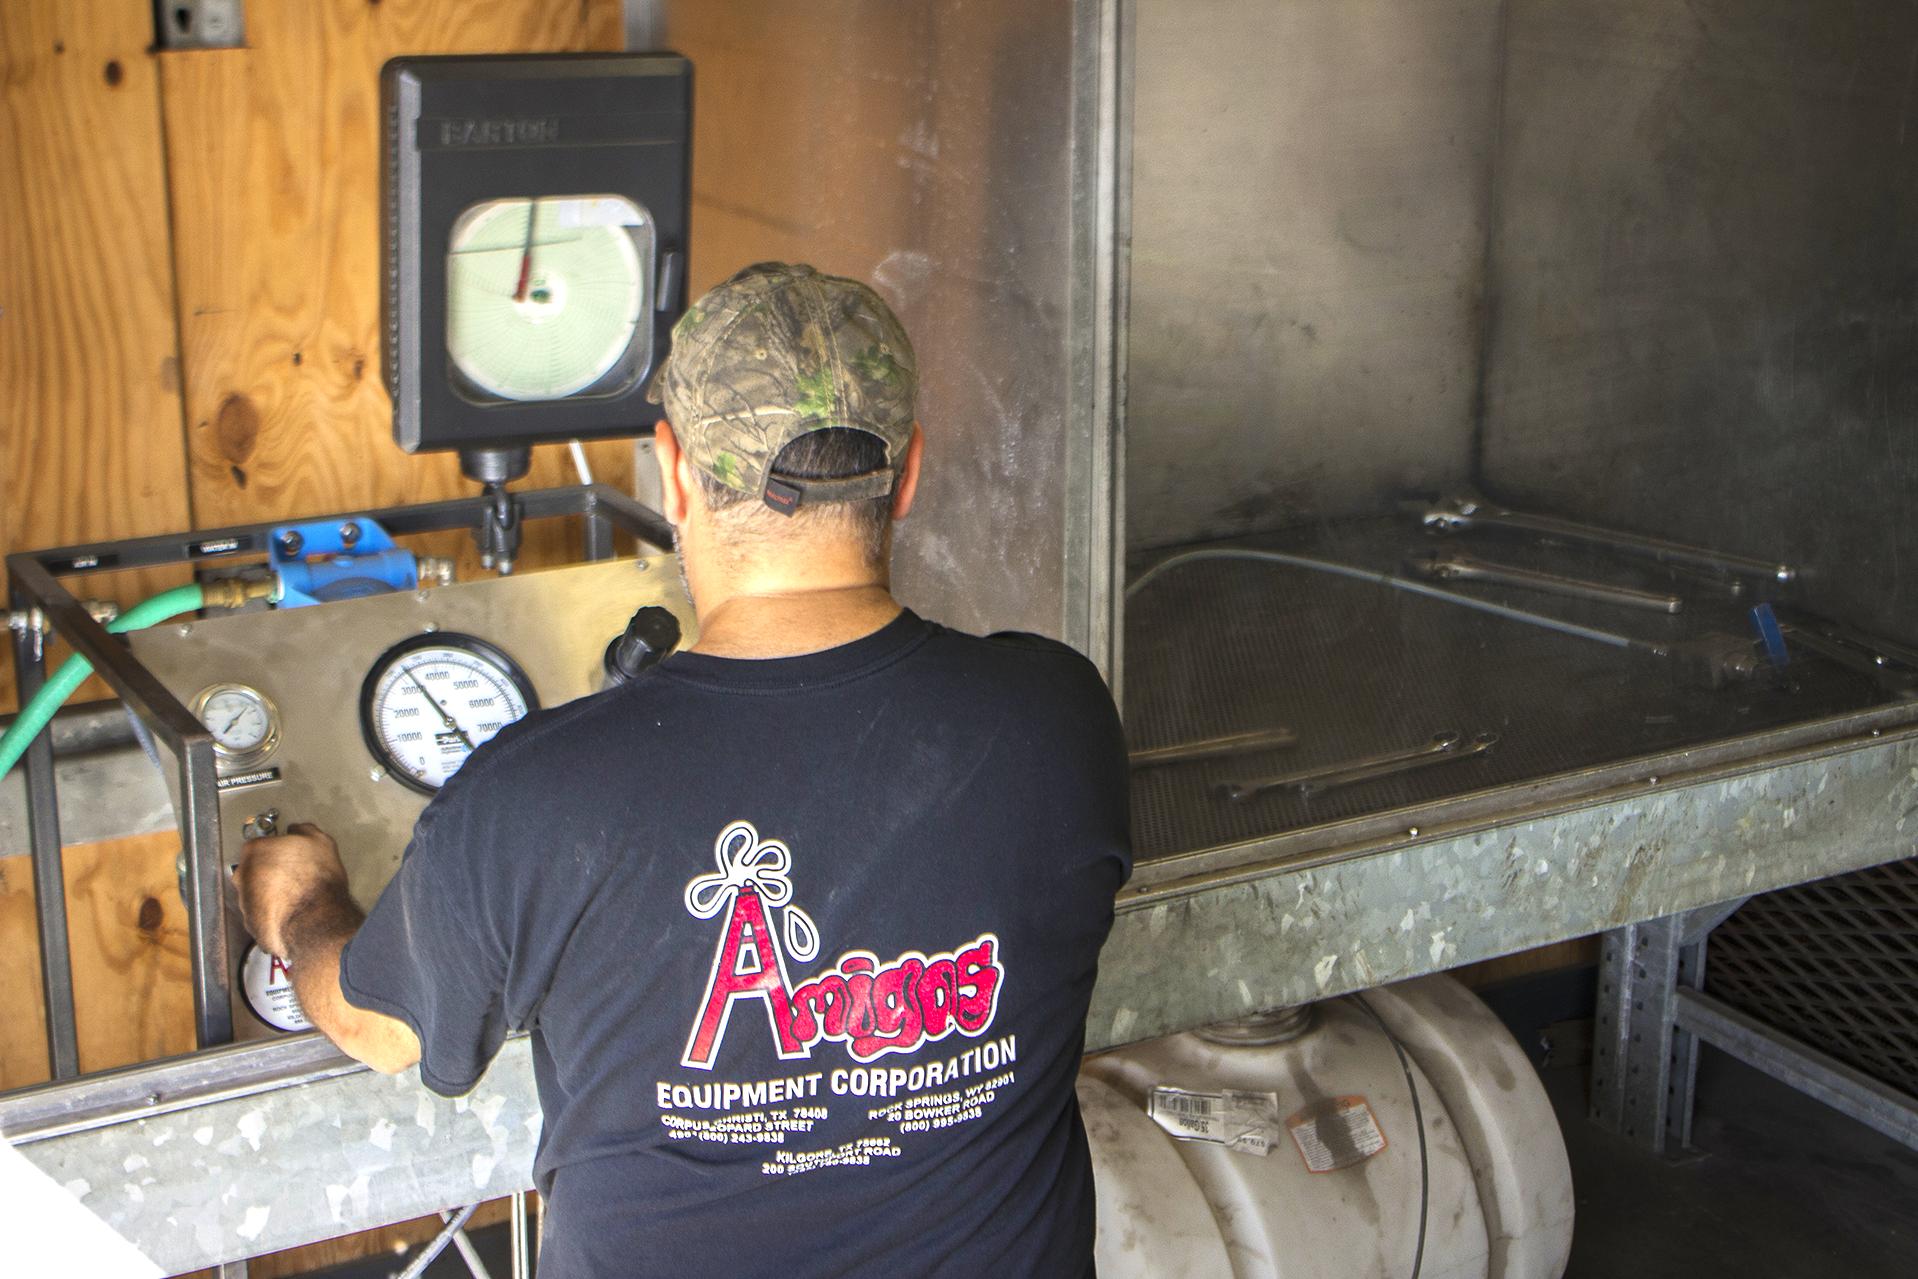 Amigos Hydraulics and Fluid Components - AHF Spir Star Hydraulic Pumps